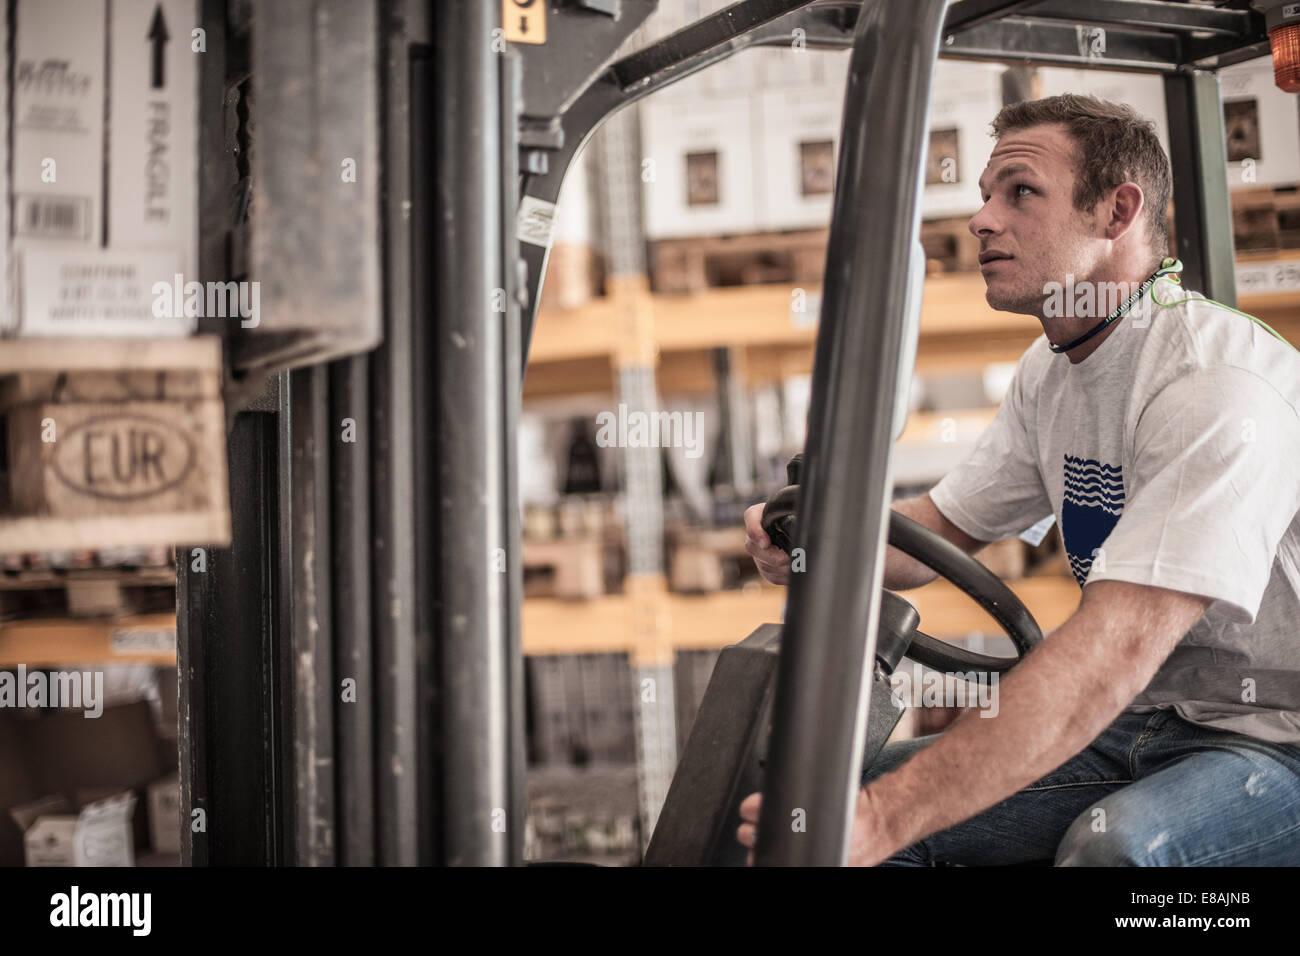 Joven conducir la carretilla elevadora en fábrica Imagen De Stock